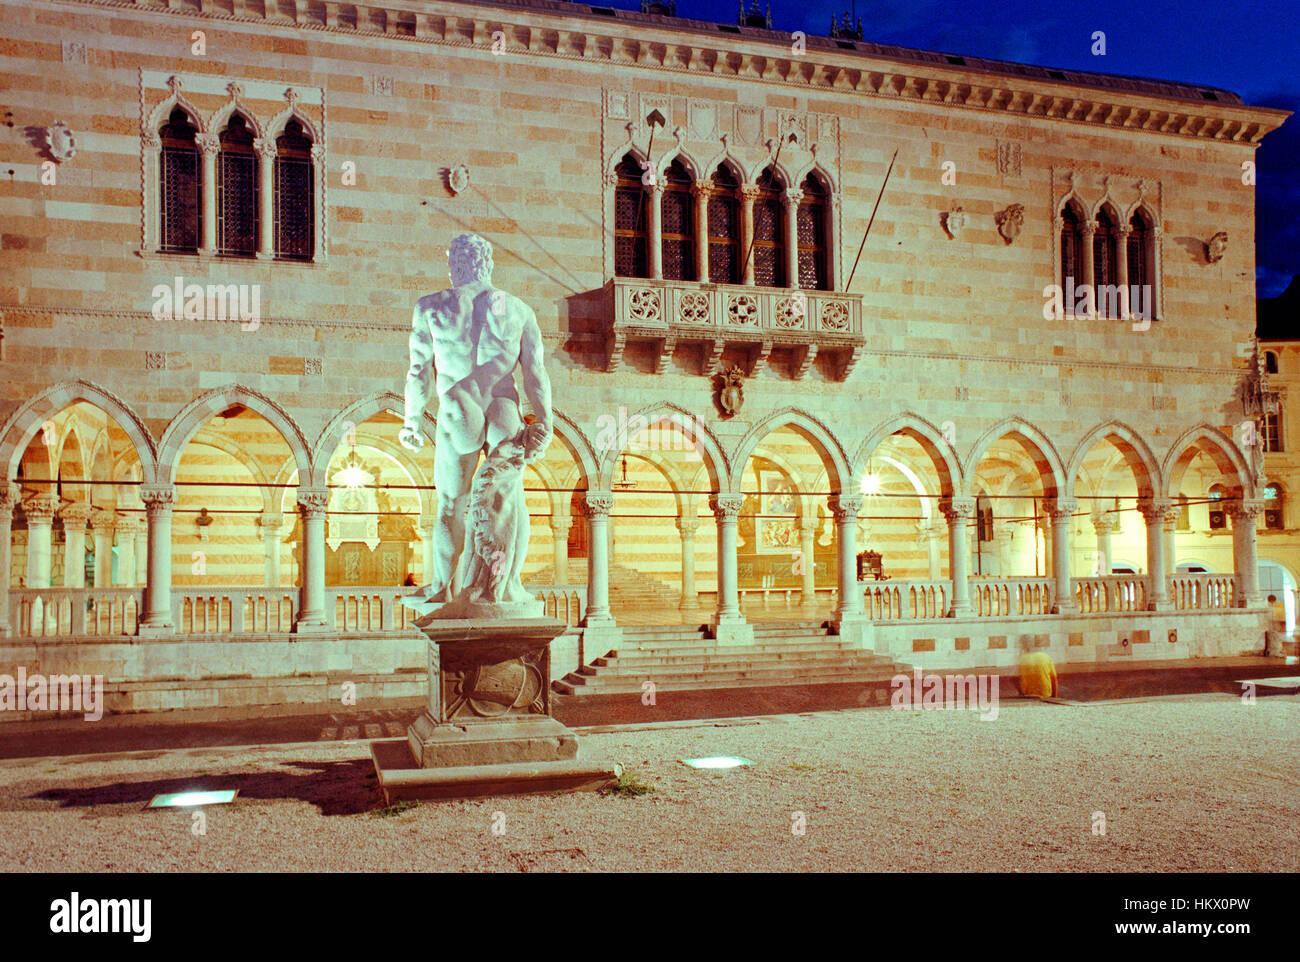 Italy, Friuli Venezia Giulia, Udine, Piazza della Libertà, Square, Loggia del Lionello. - Stock Image